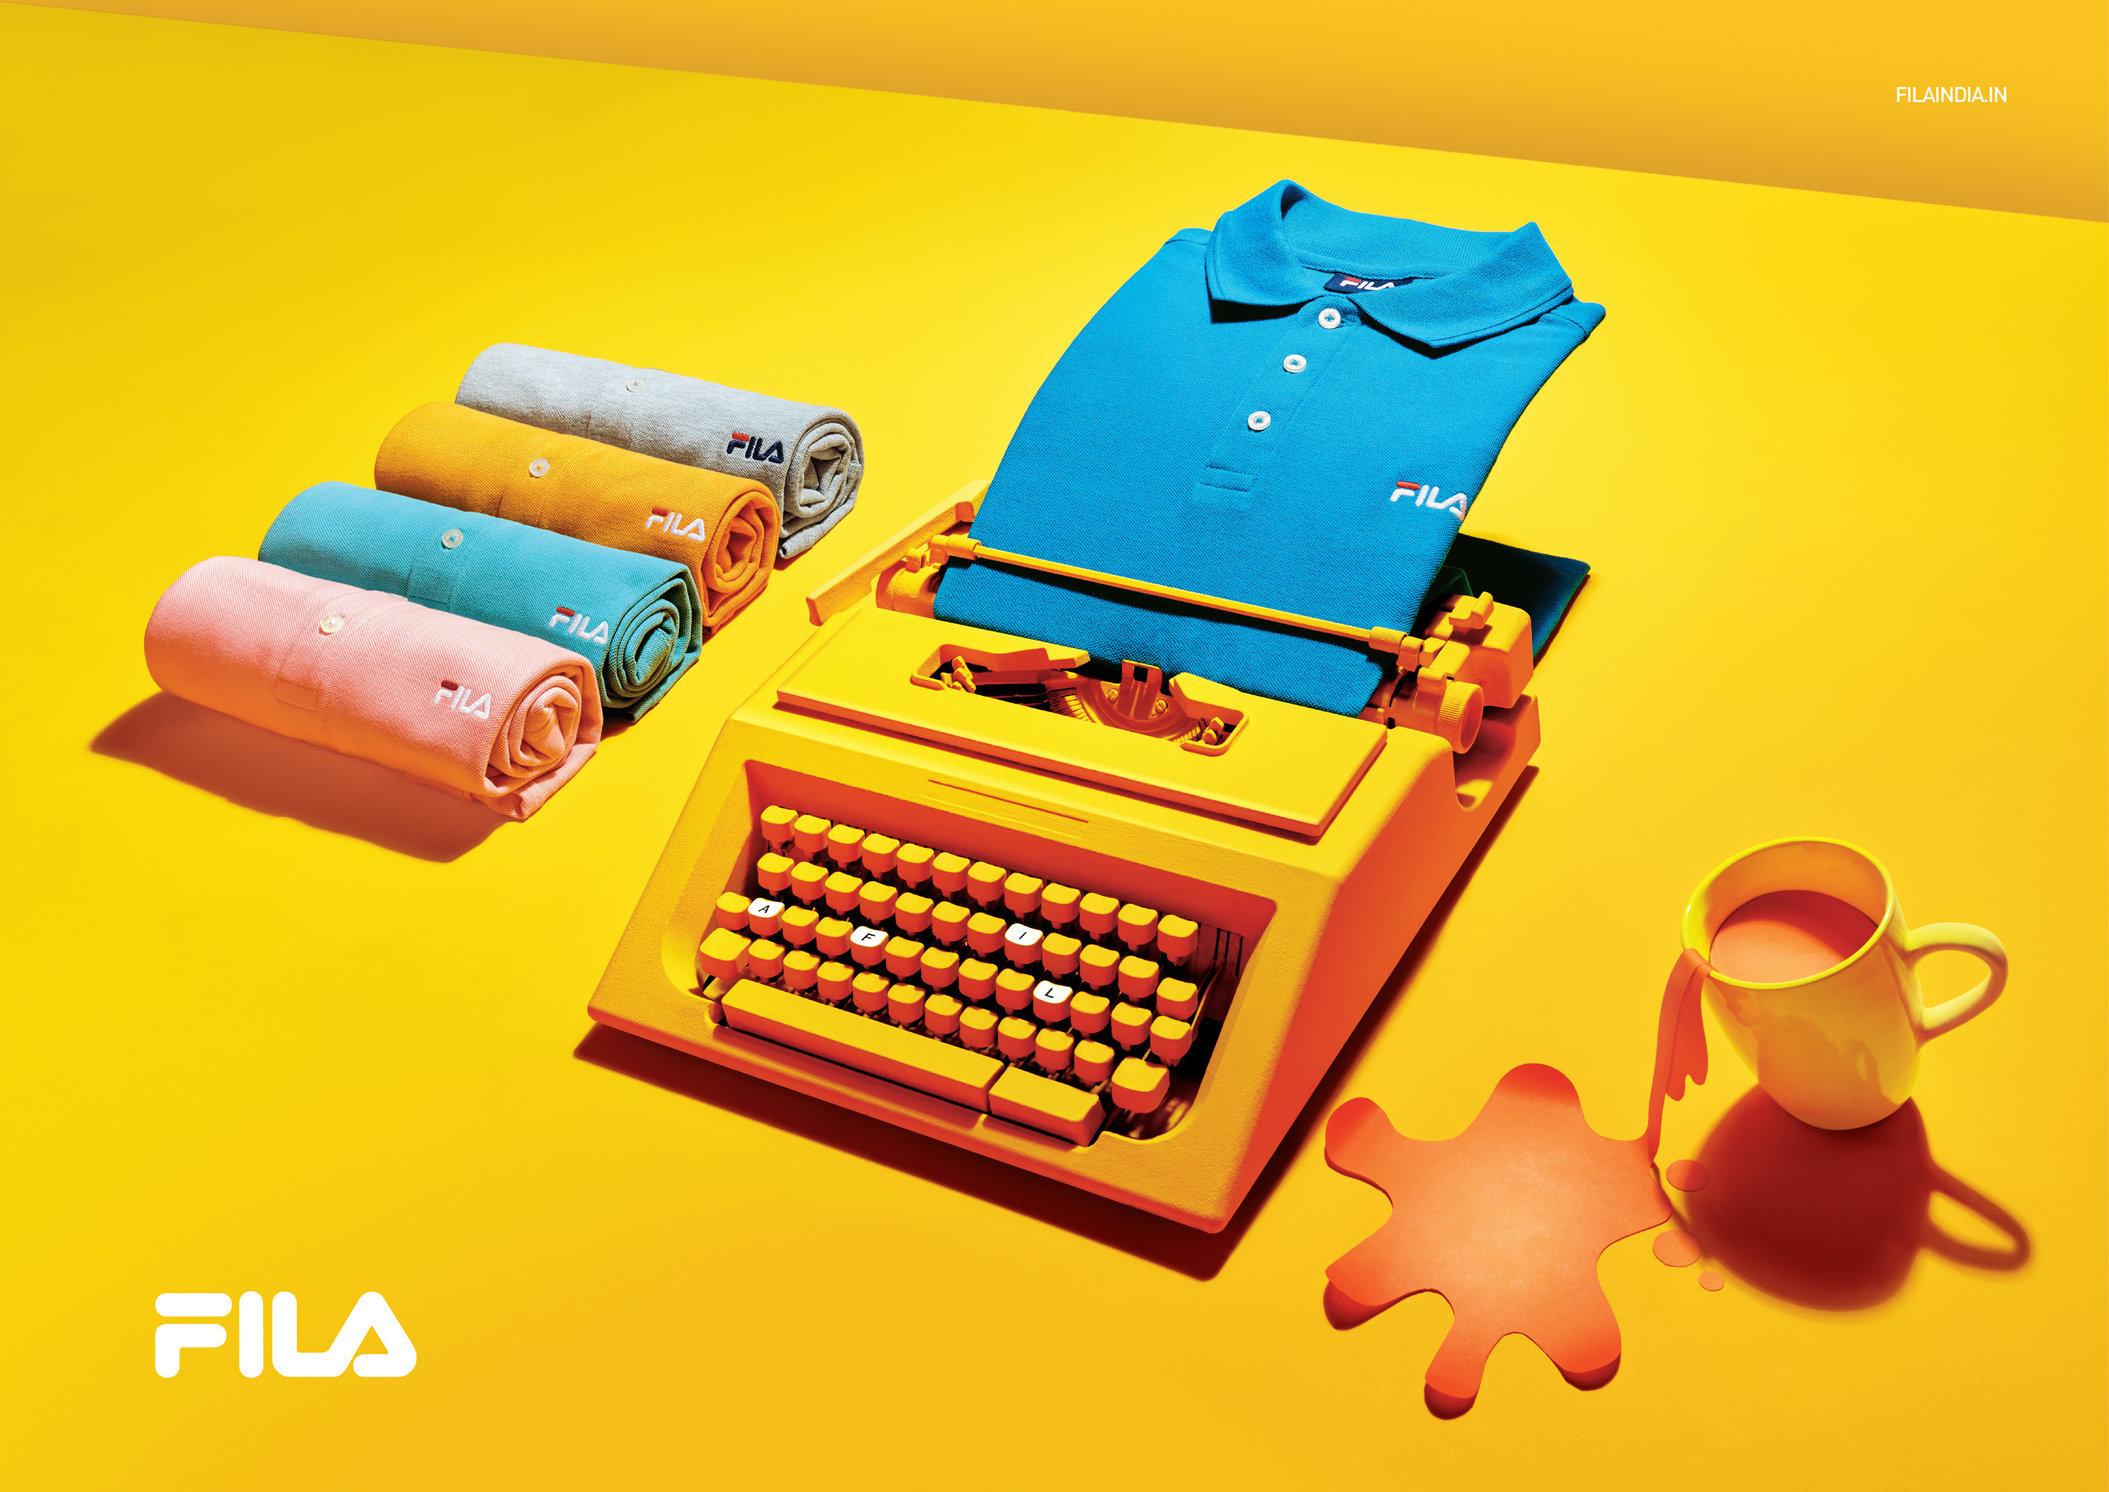 Fila Spring Summer 16 campaign-04.jpg